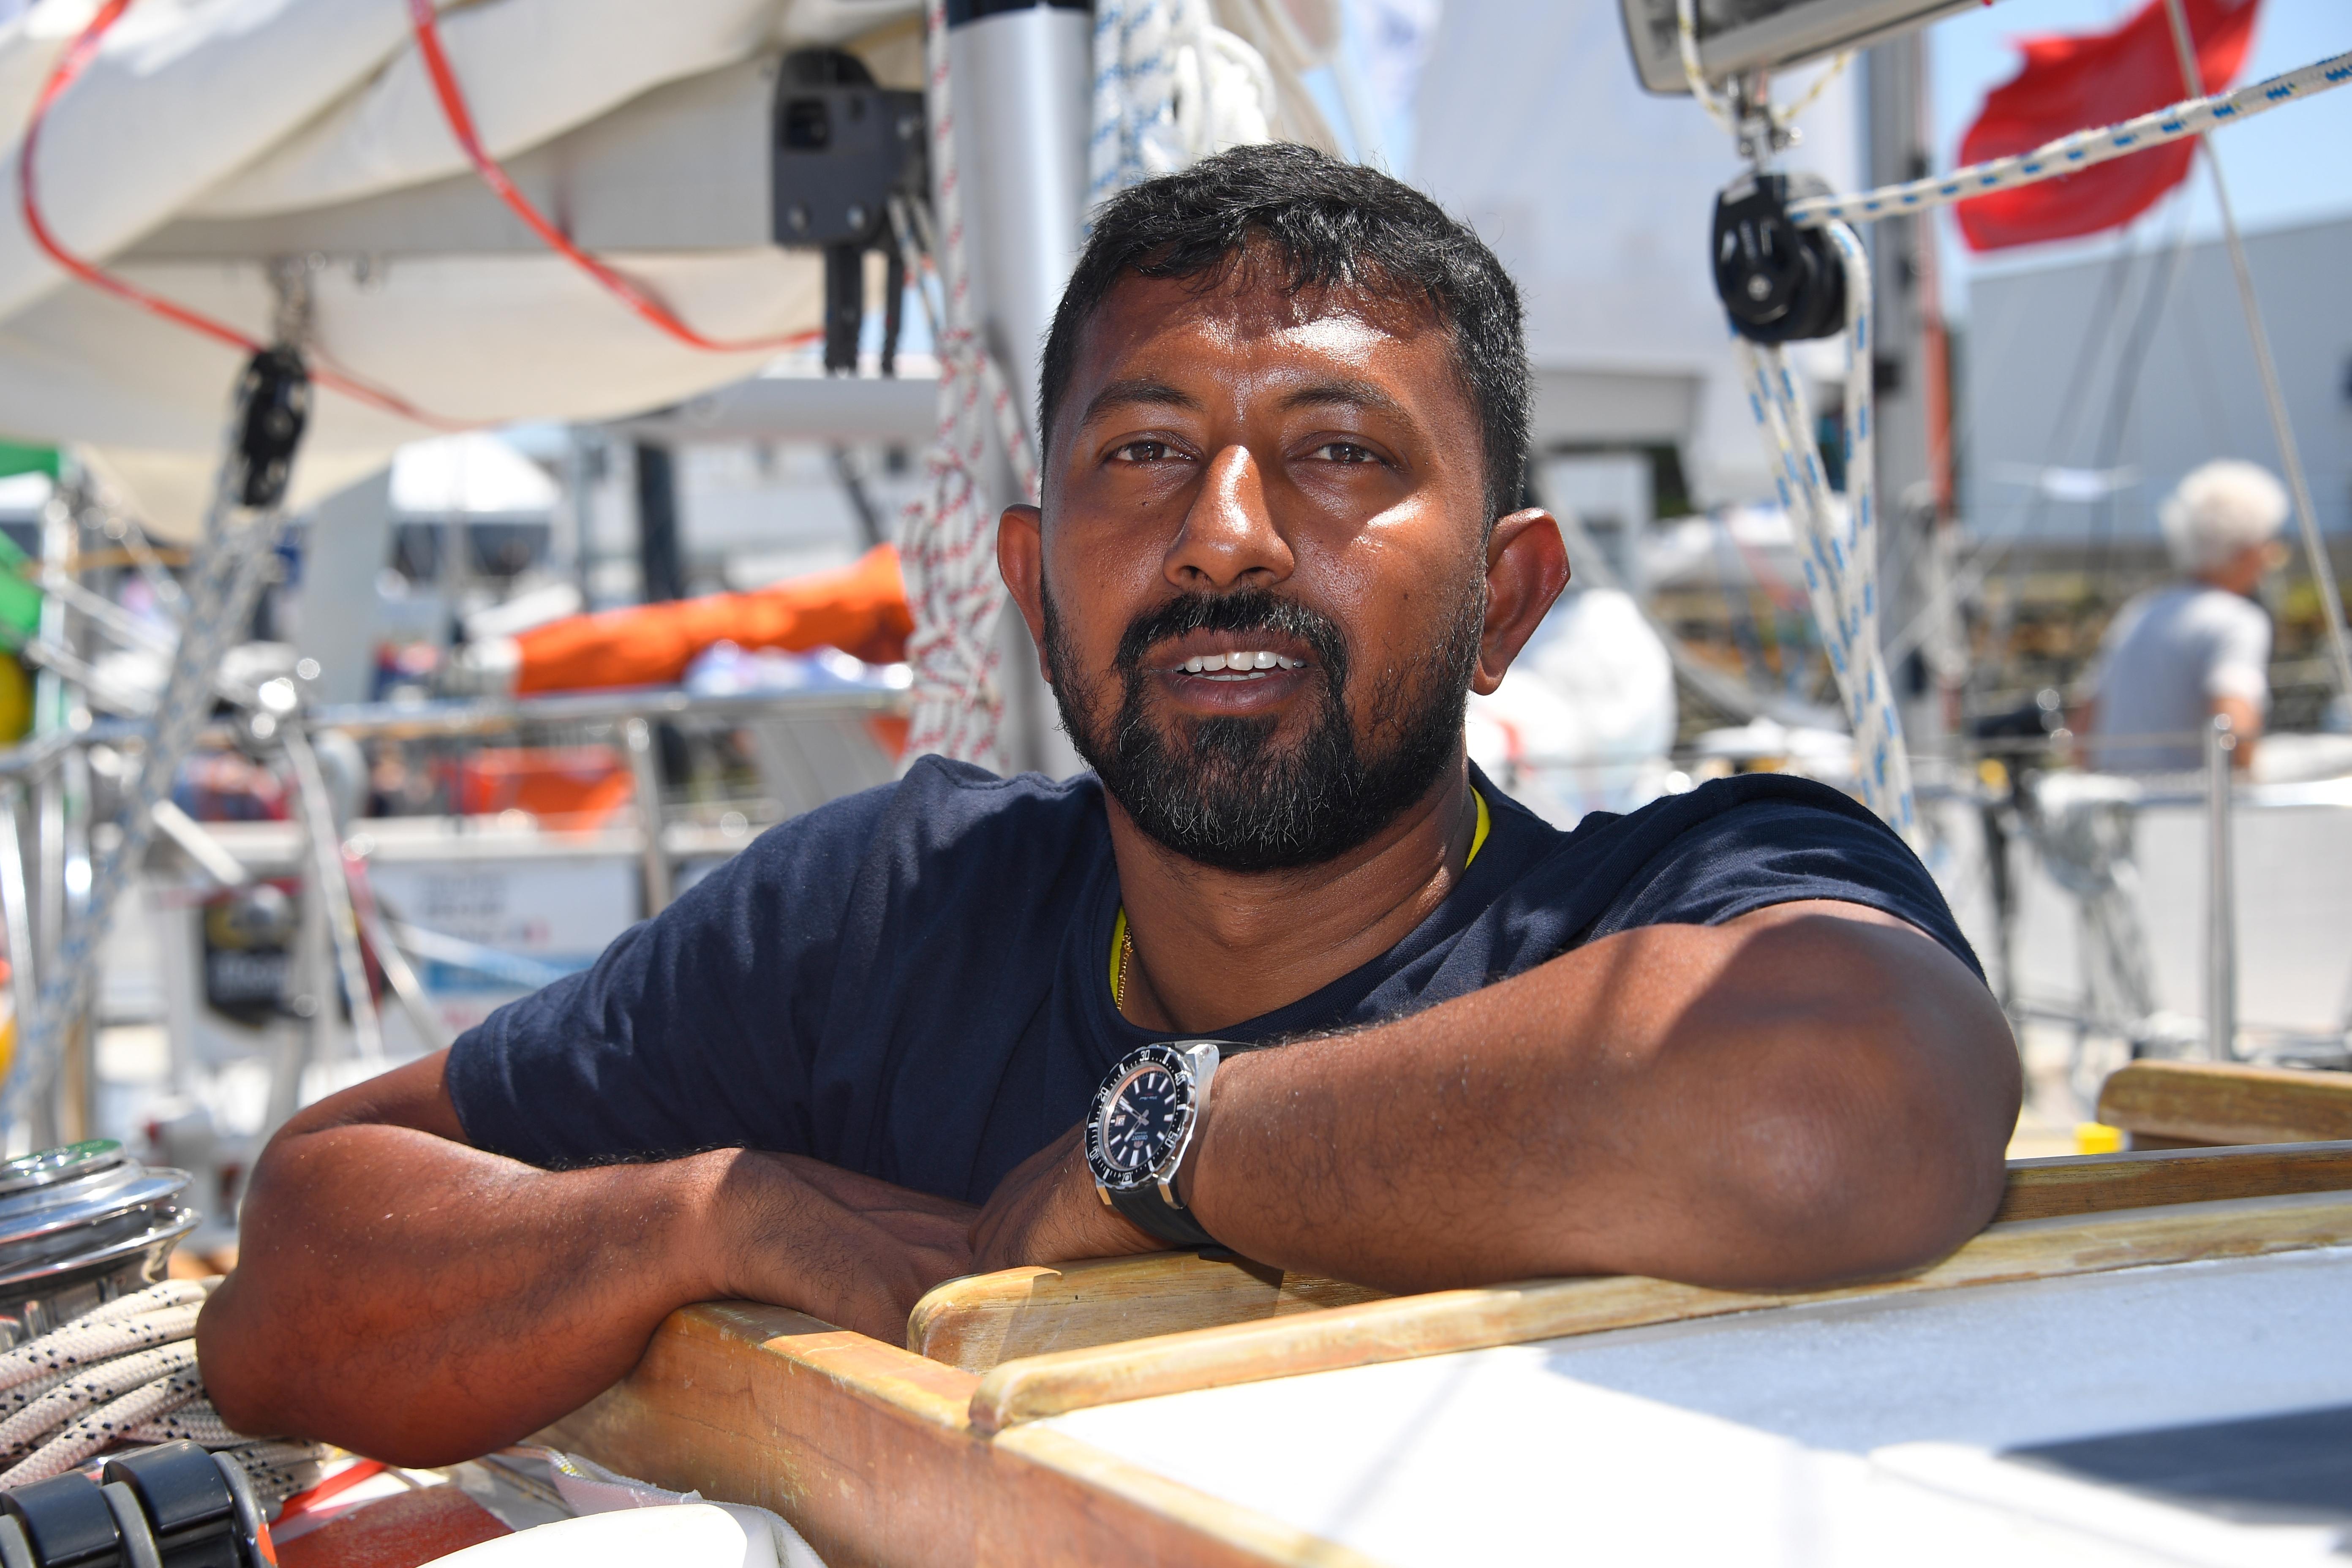 Két napja a tengeren hánykolódik egy indiai vitorlásversenyző, miután súlyosan megsérült egy viharban